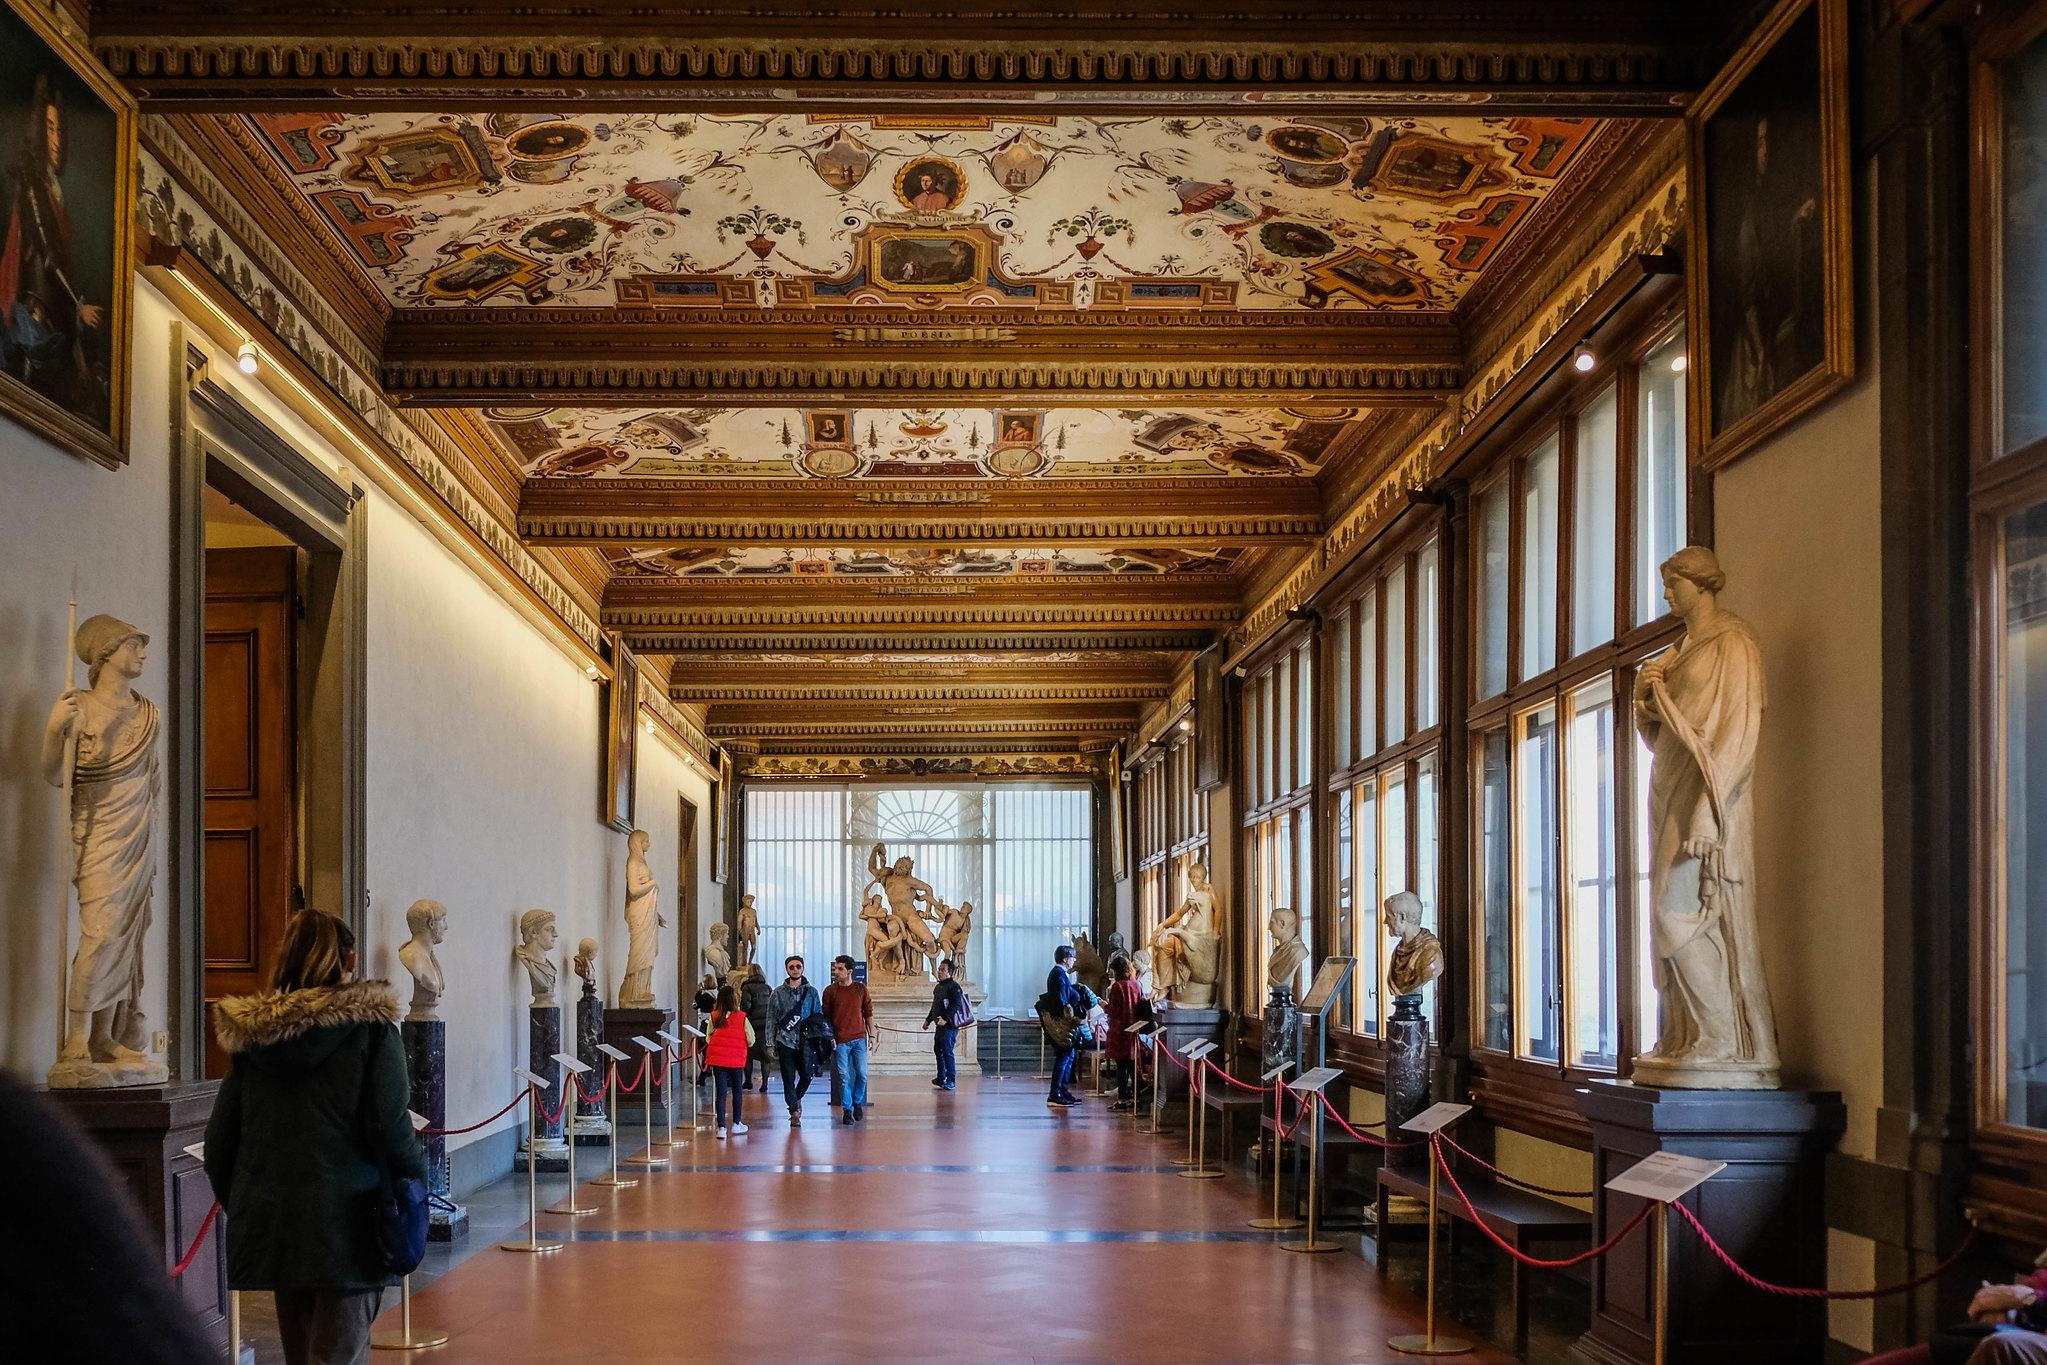 Hallways of the Uffizi